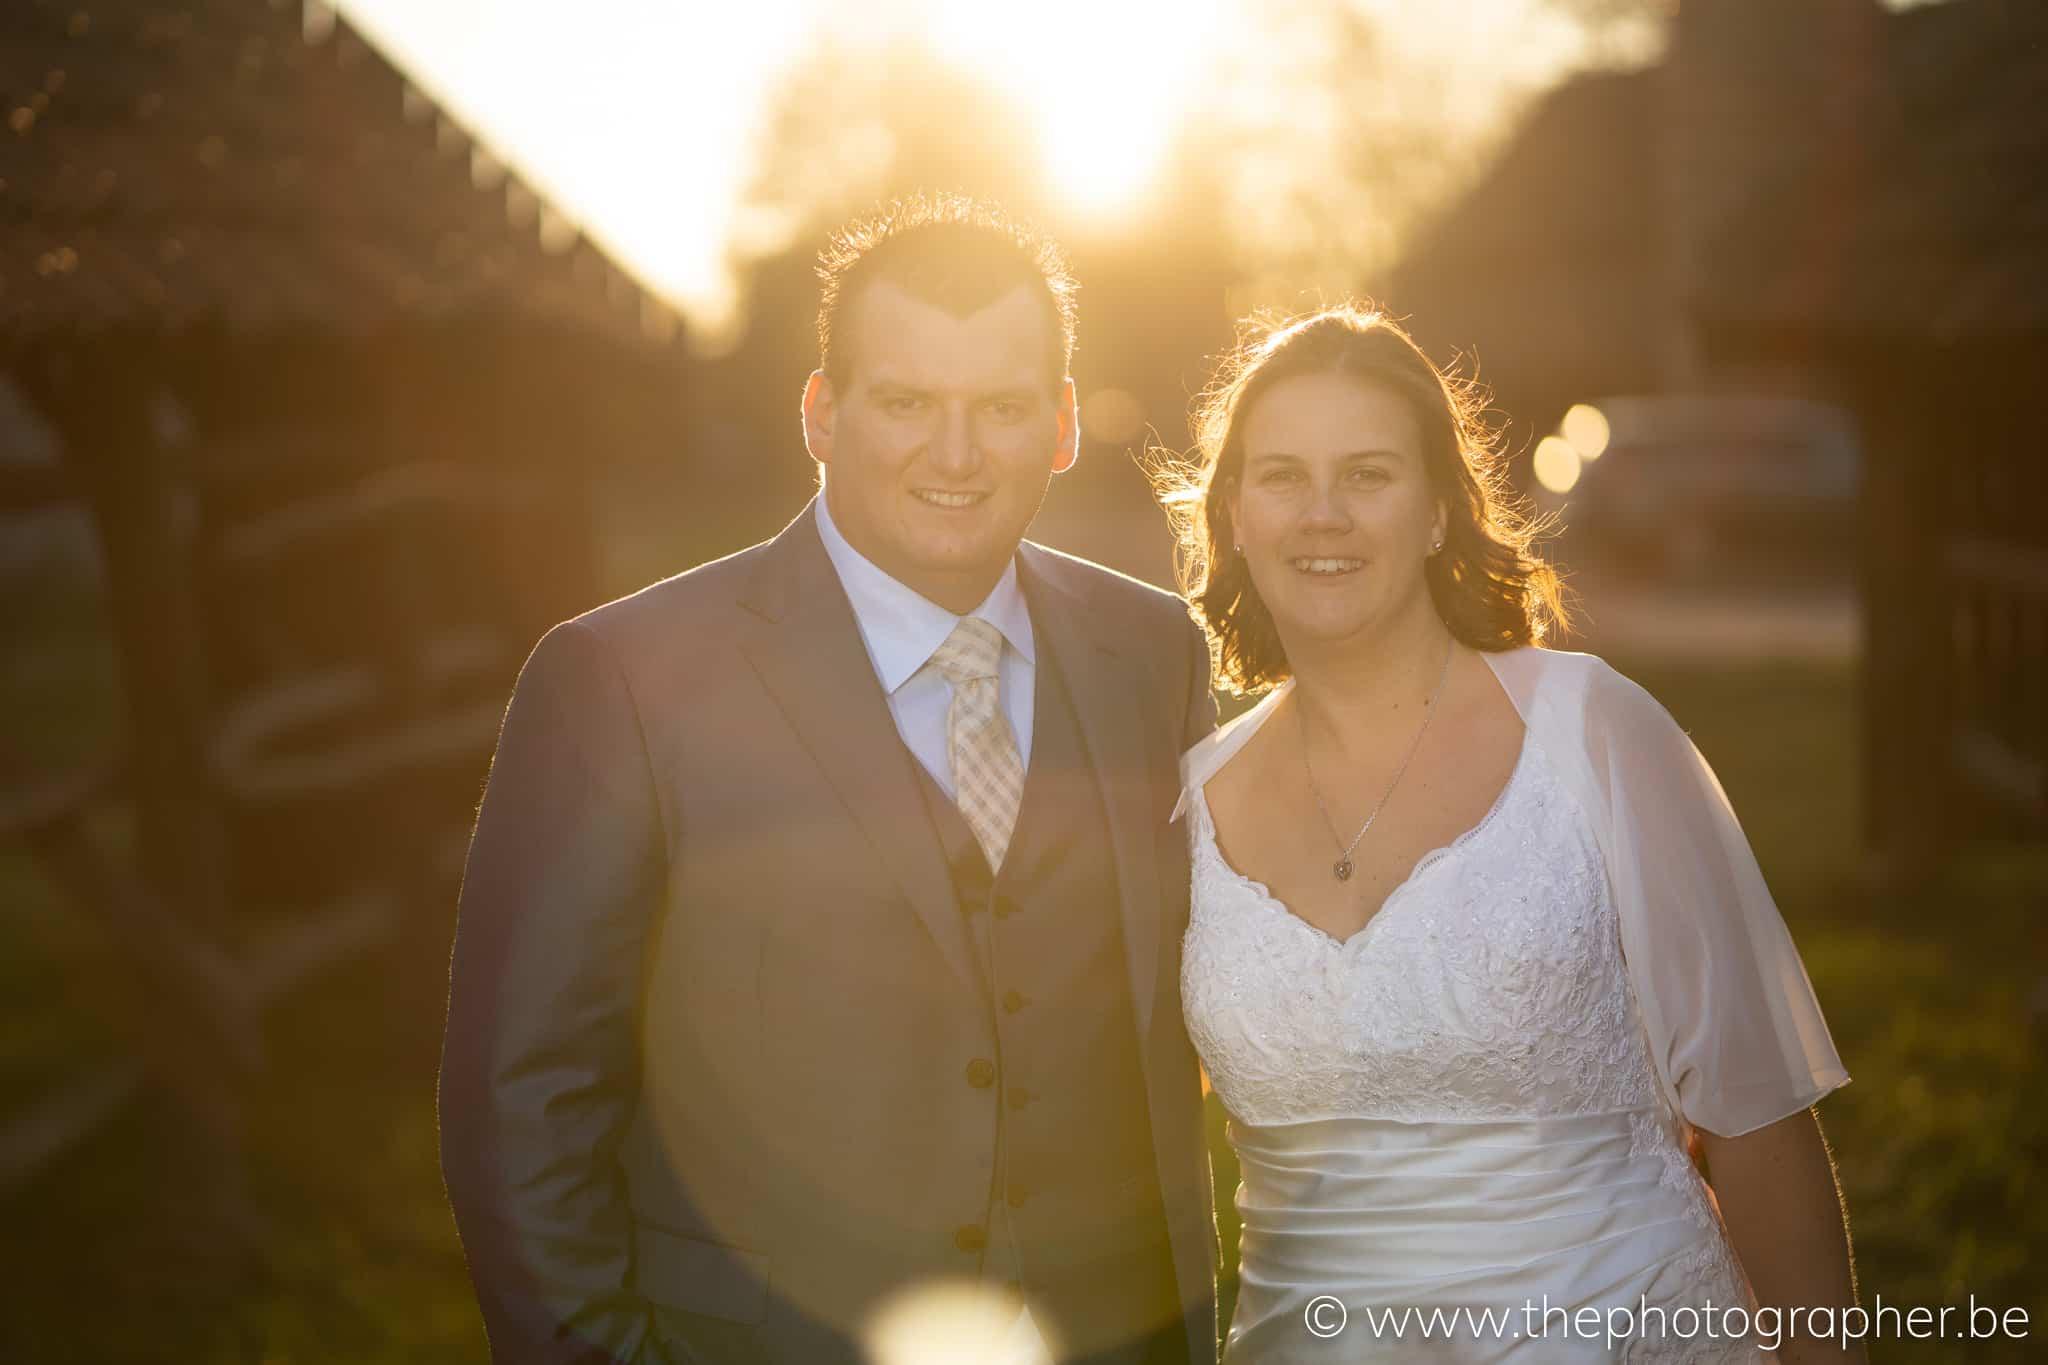 huwelijksfoto op huwelijk bij zonsondergang